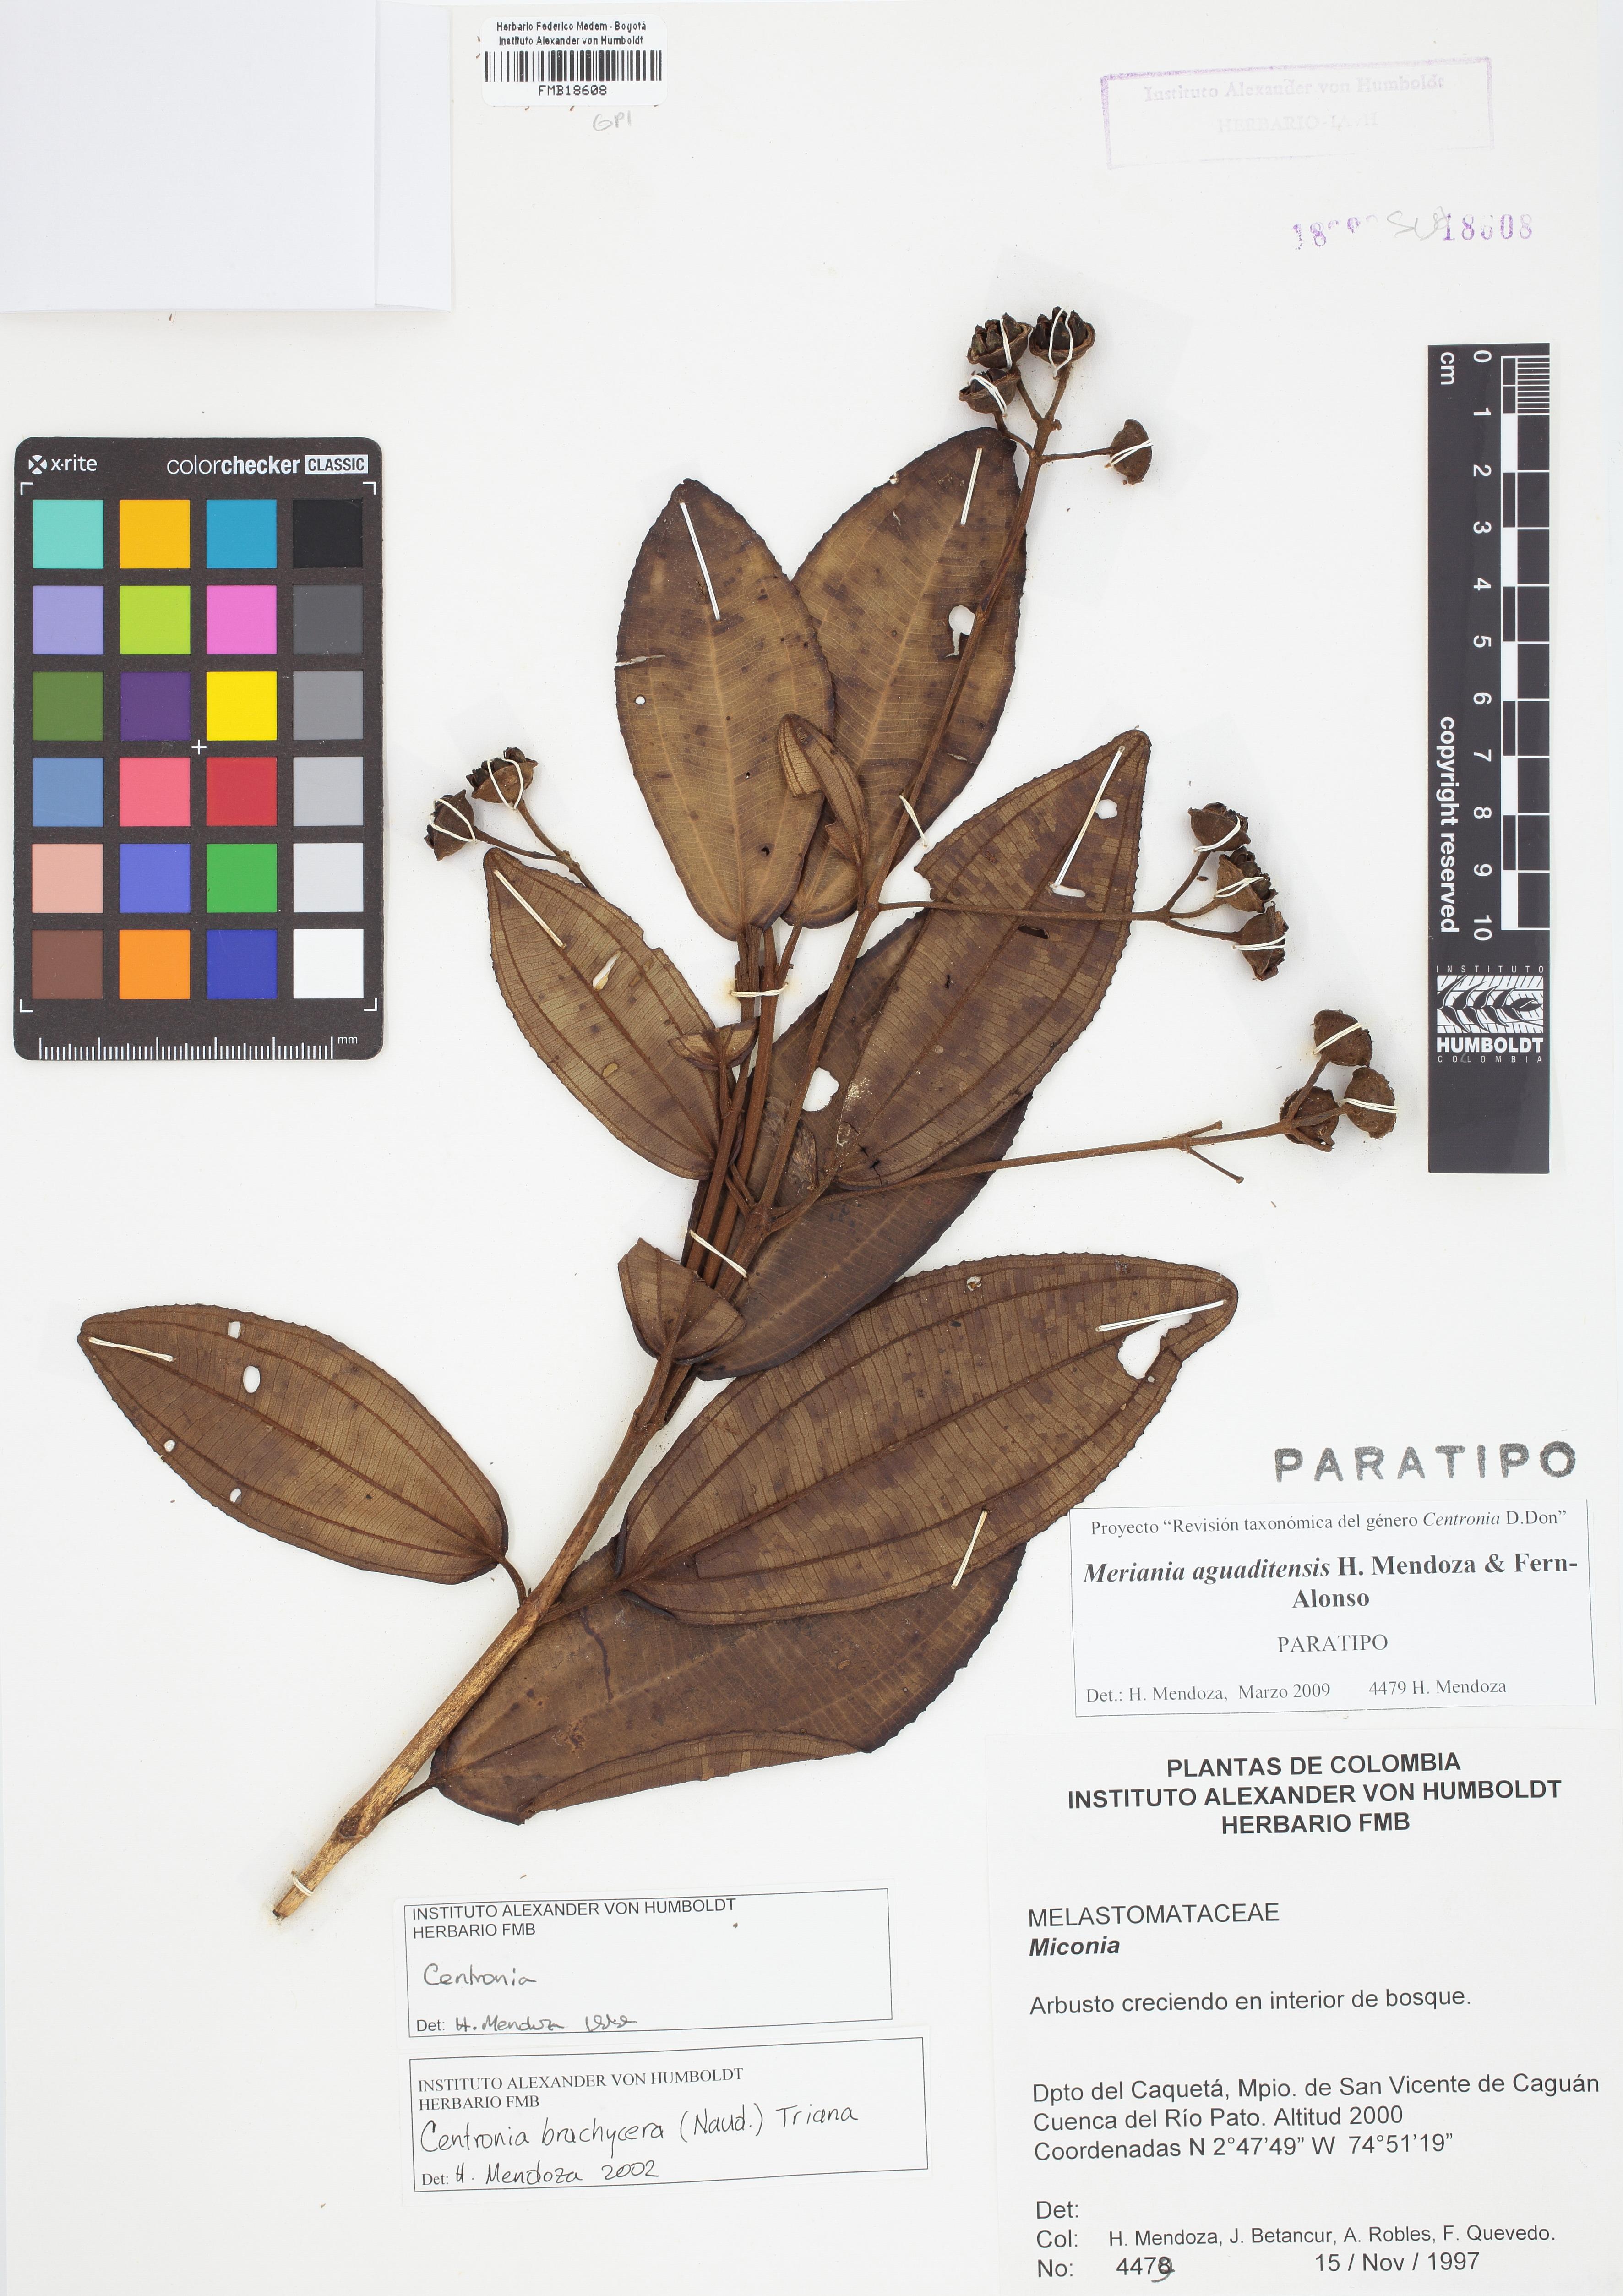 Paratipo de <em>Meriania aguaditensis</em>, FMB-18608, Fotografía por Robles A.